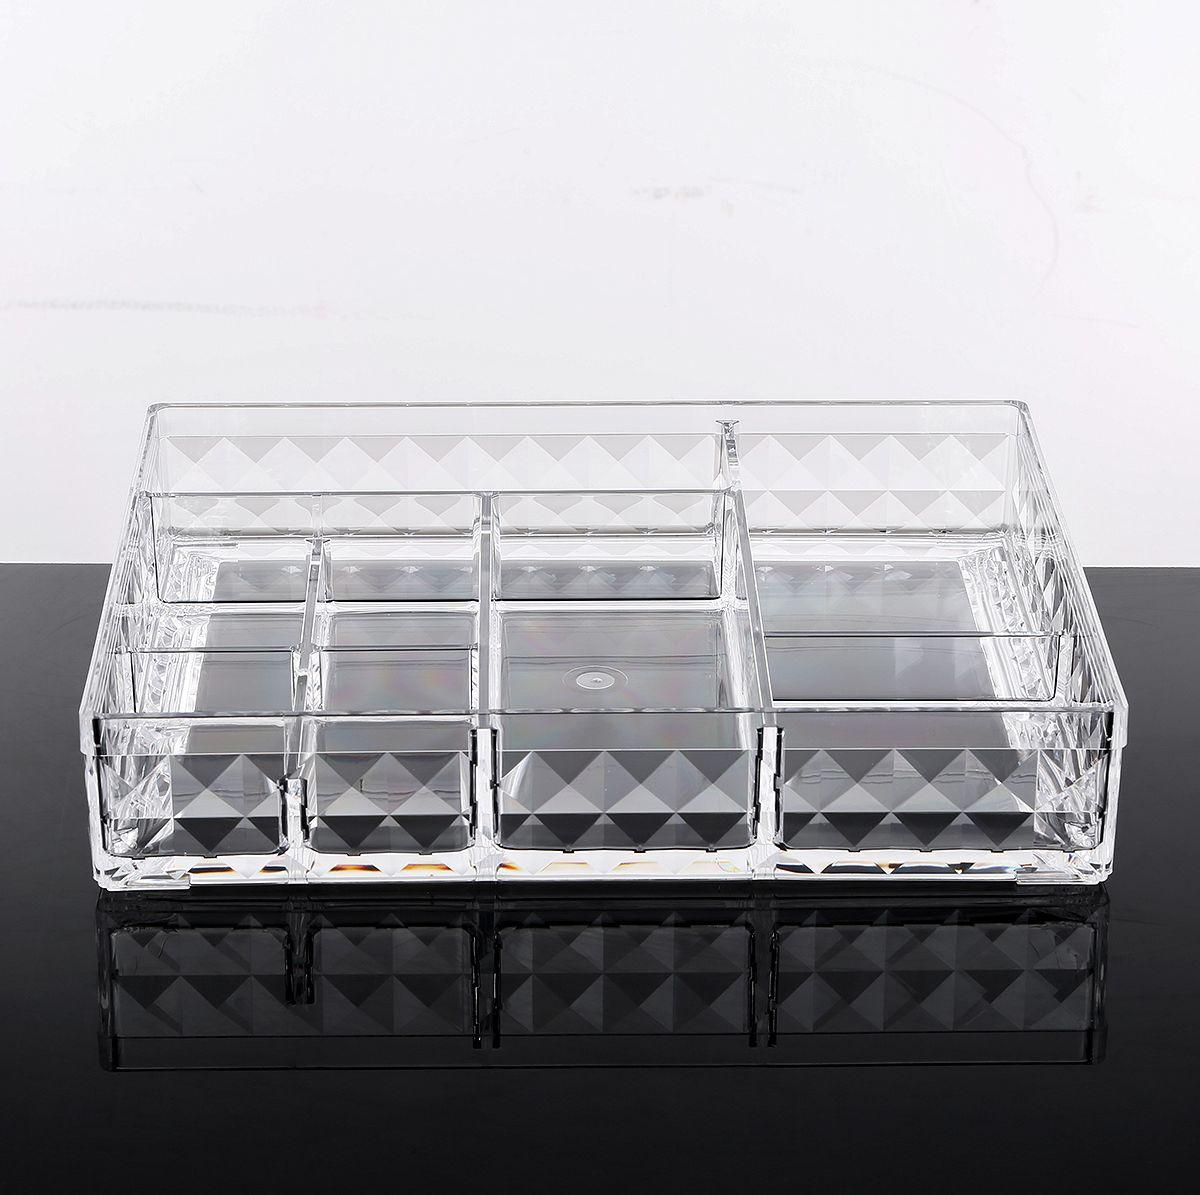 """Органайзер для хранения косметики Homsu """"Diamond"""" поможет вам не только сберечь время на поиски подходящих баночек, кисточек и тюбиков, но и сохранить порядок и чистоту на туалетном столике, на столешнице в ванной, на комоде, на подоконнике и на других открытых поверхностях.Материал: пластикКоличество секций: 8Размер: 25,2 х 20,2 х 4,9 см"""